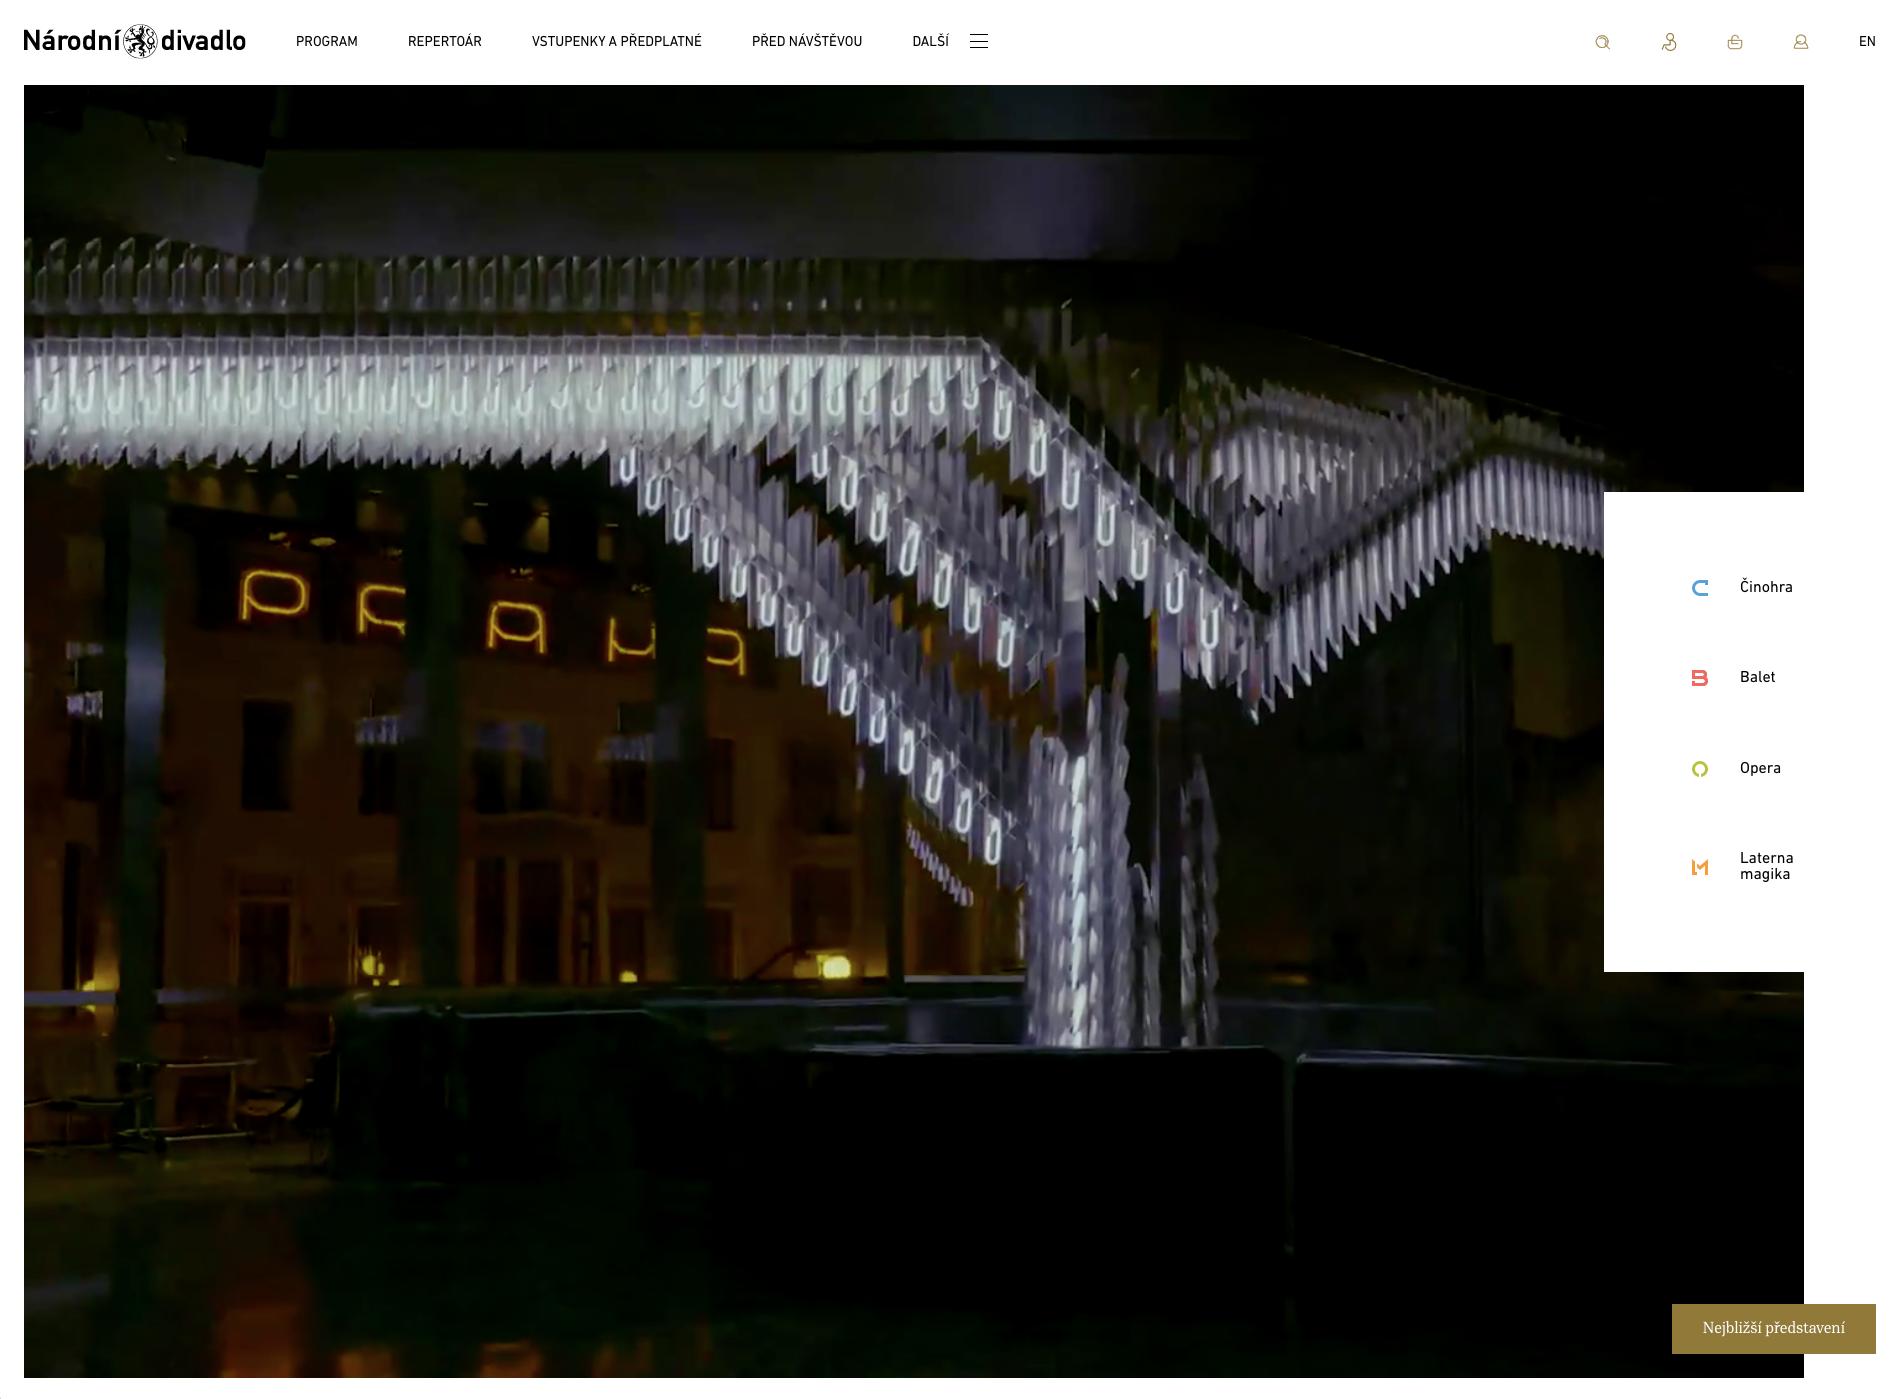 Nový web Národního divadla běží na headless CMS